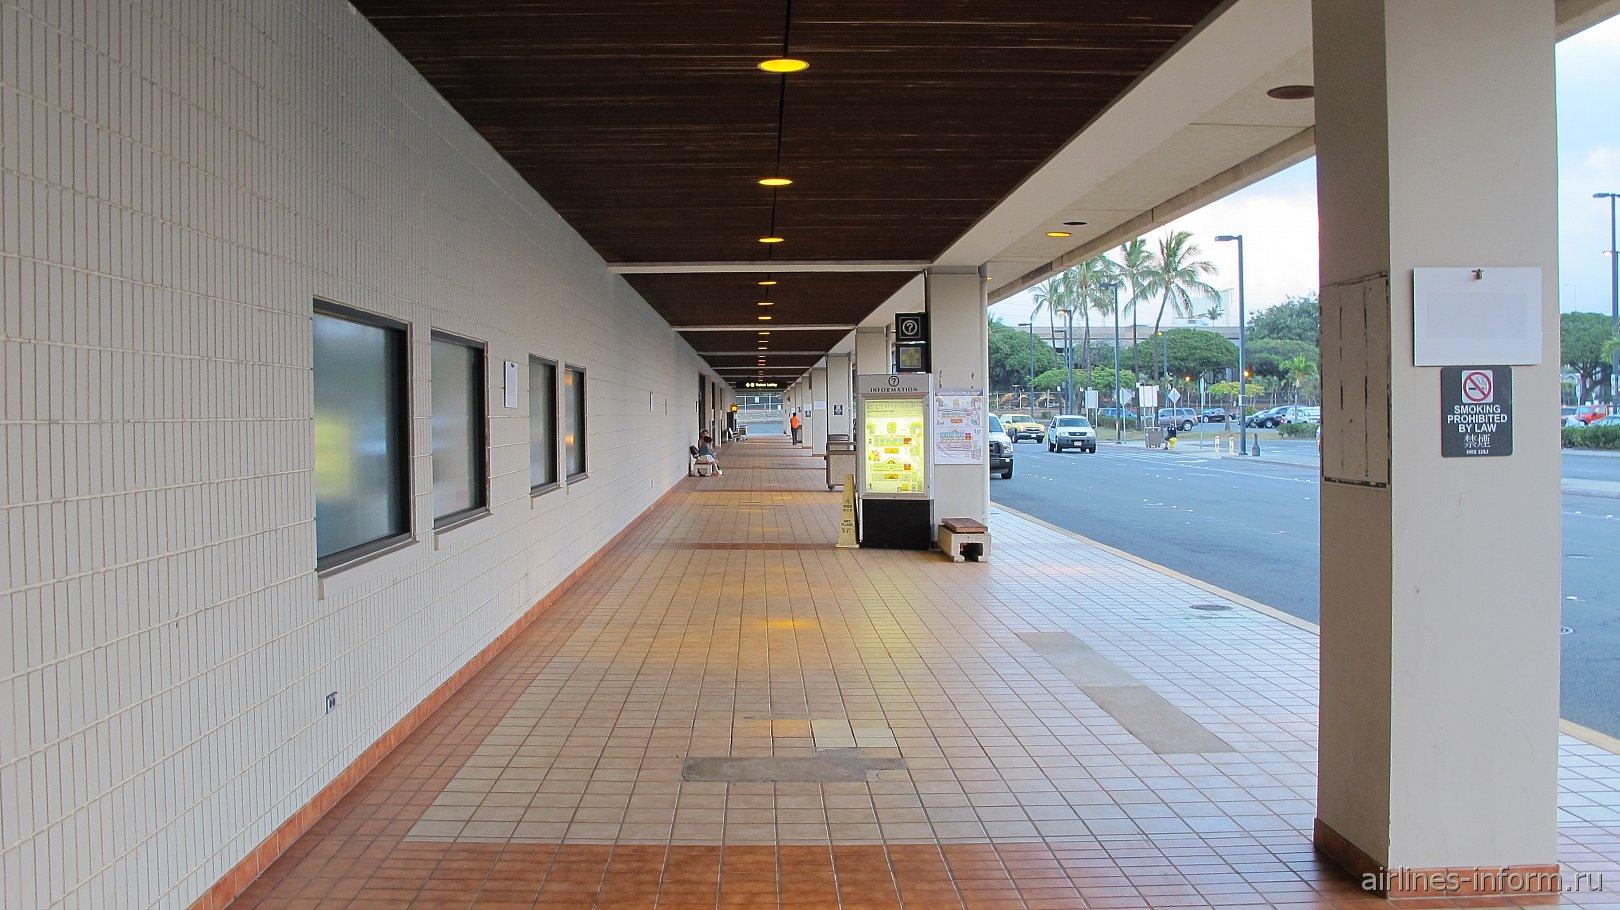 Пешеходная галерея у входа в терминал аэропорта Гонолулу